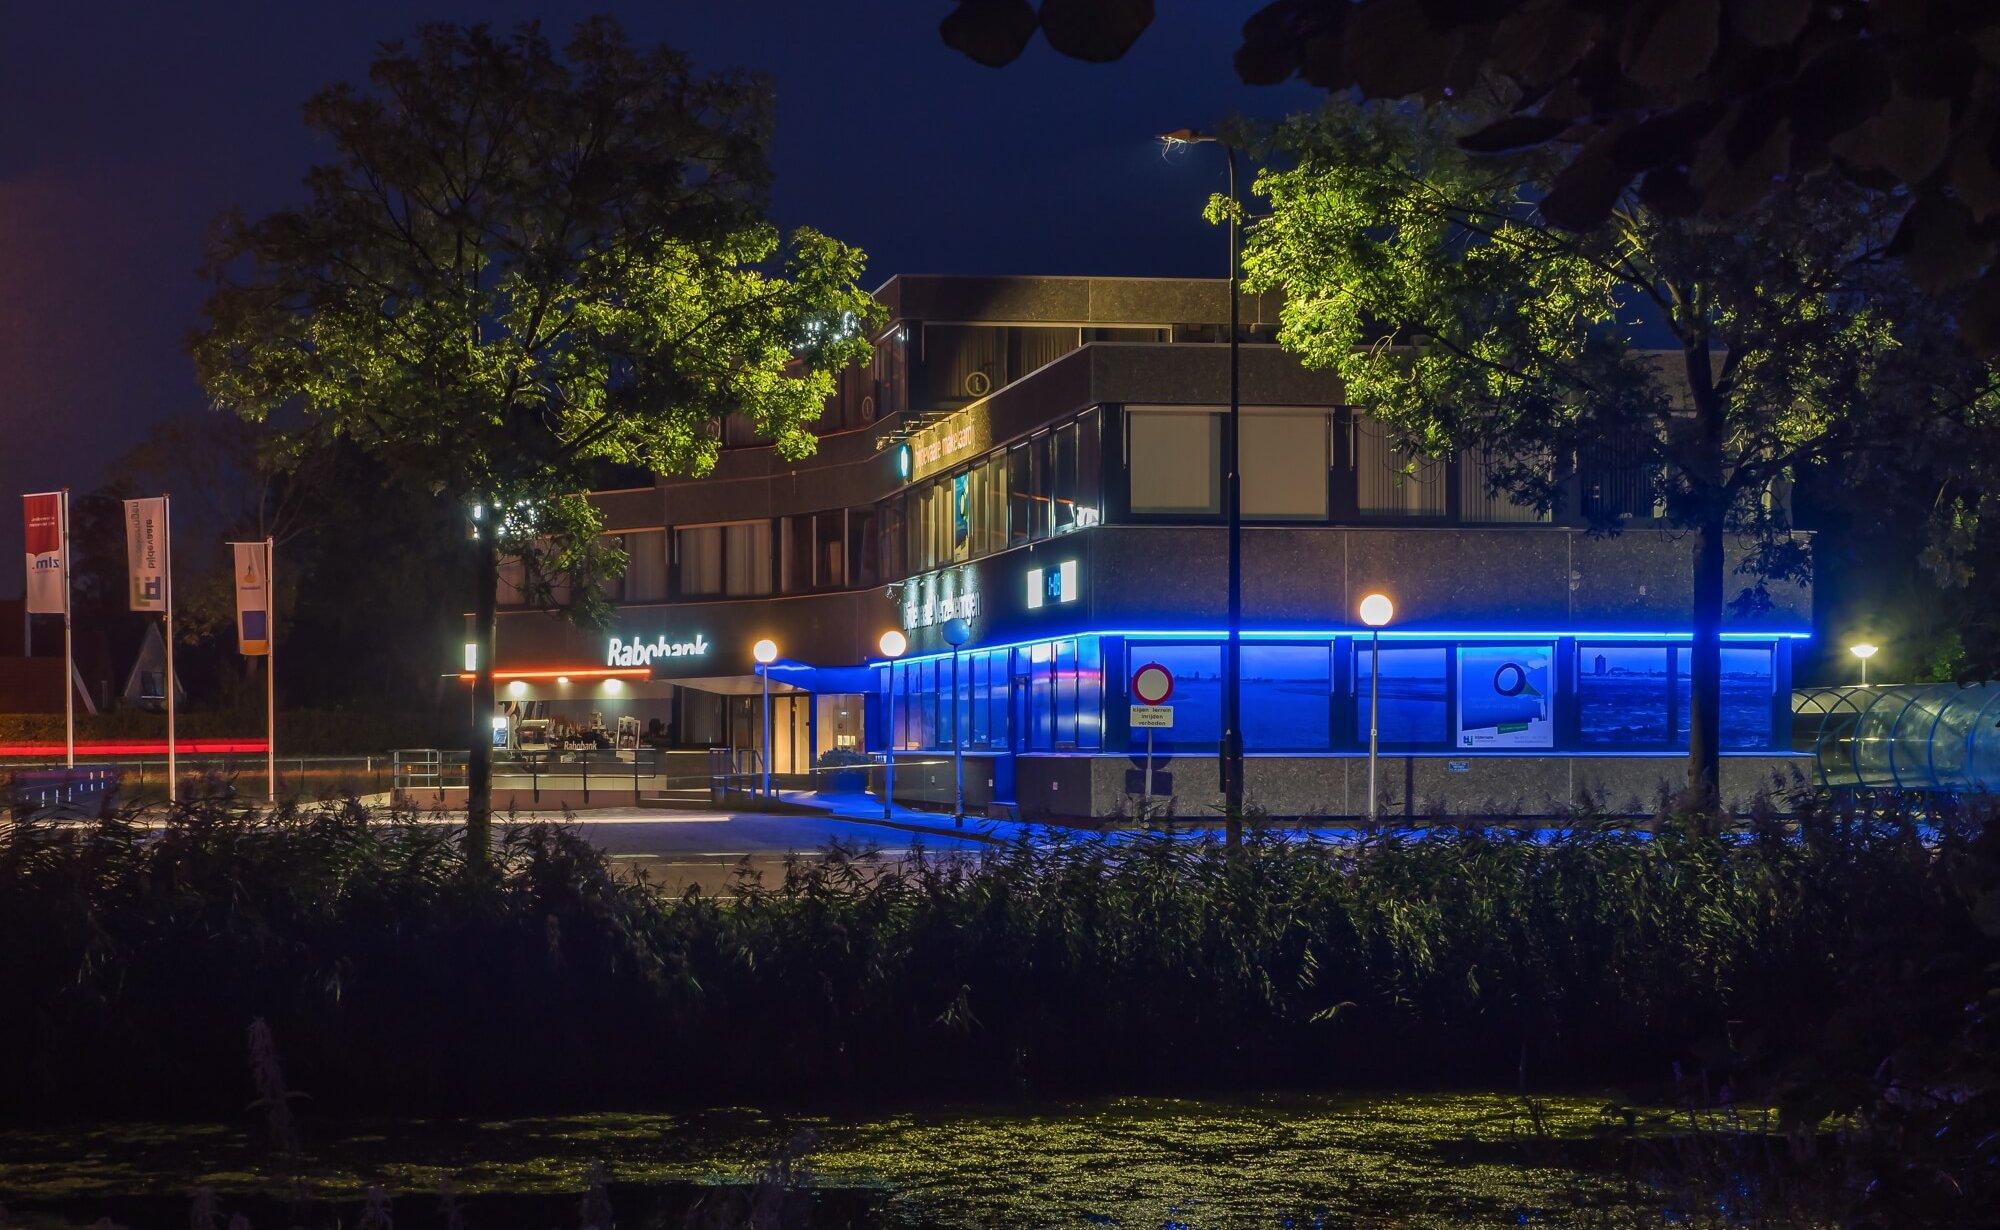 Etalage verlichting door LED-strips van Prolumia